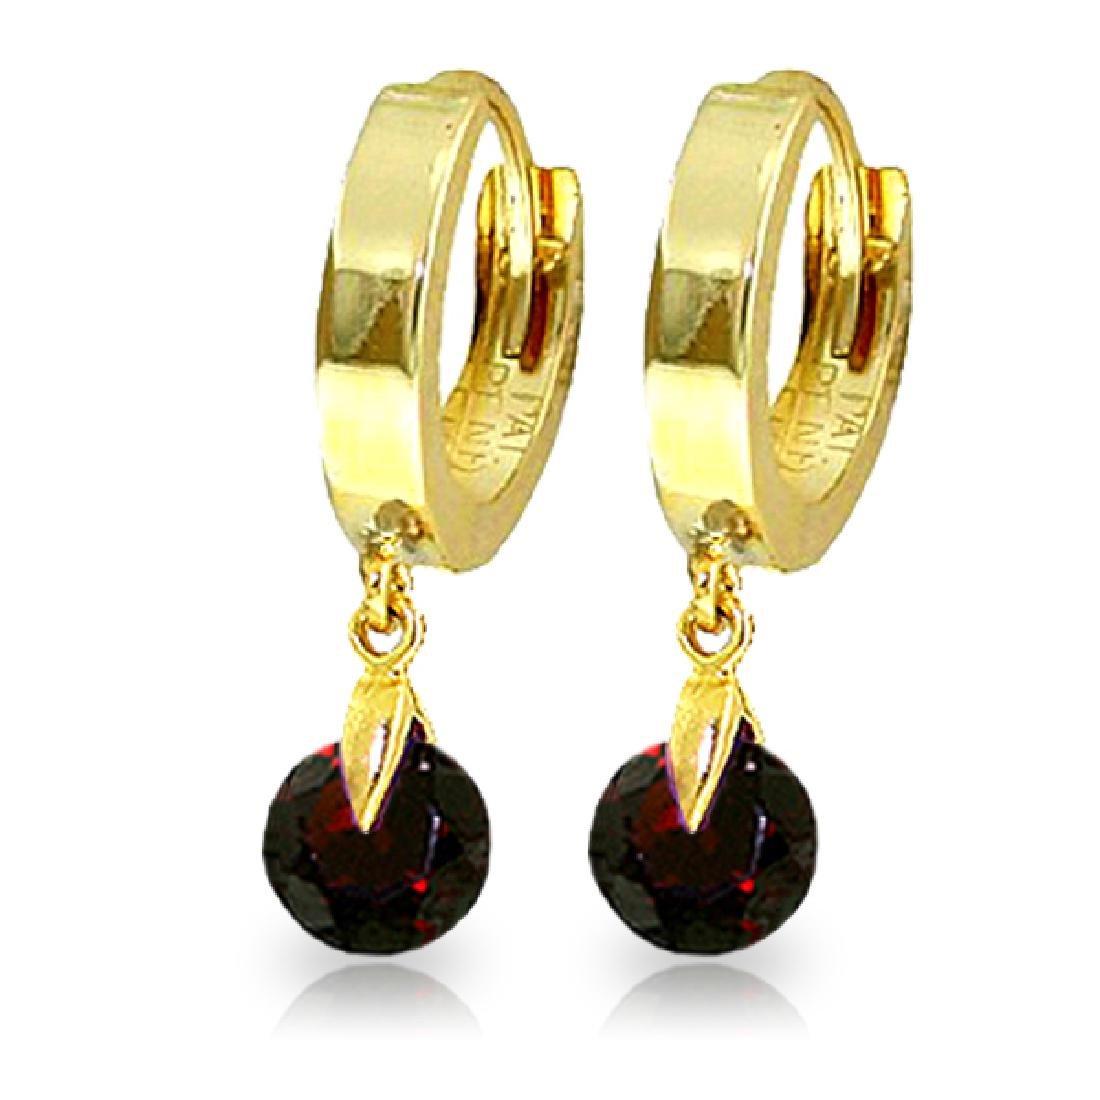 Genuine 2 ctw Garnet Earrings Jewelry 14KT Yellow Gold